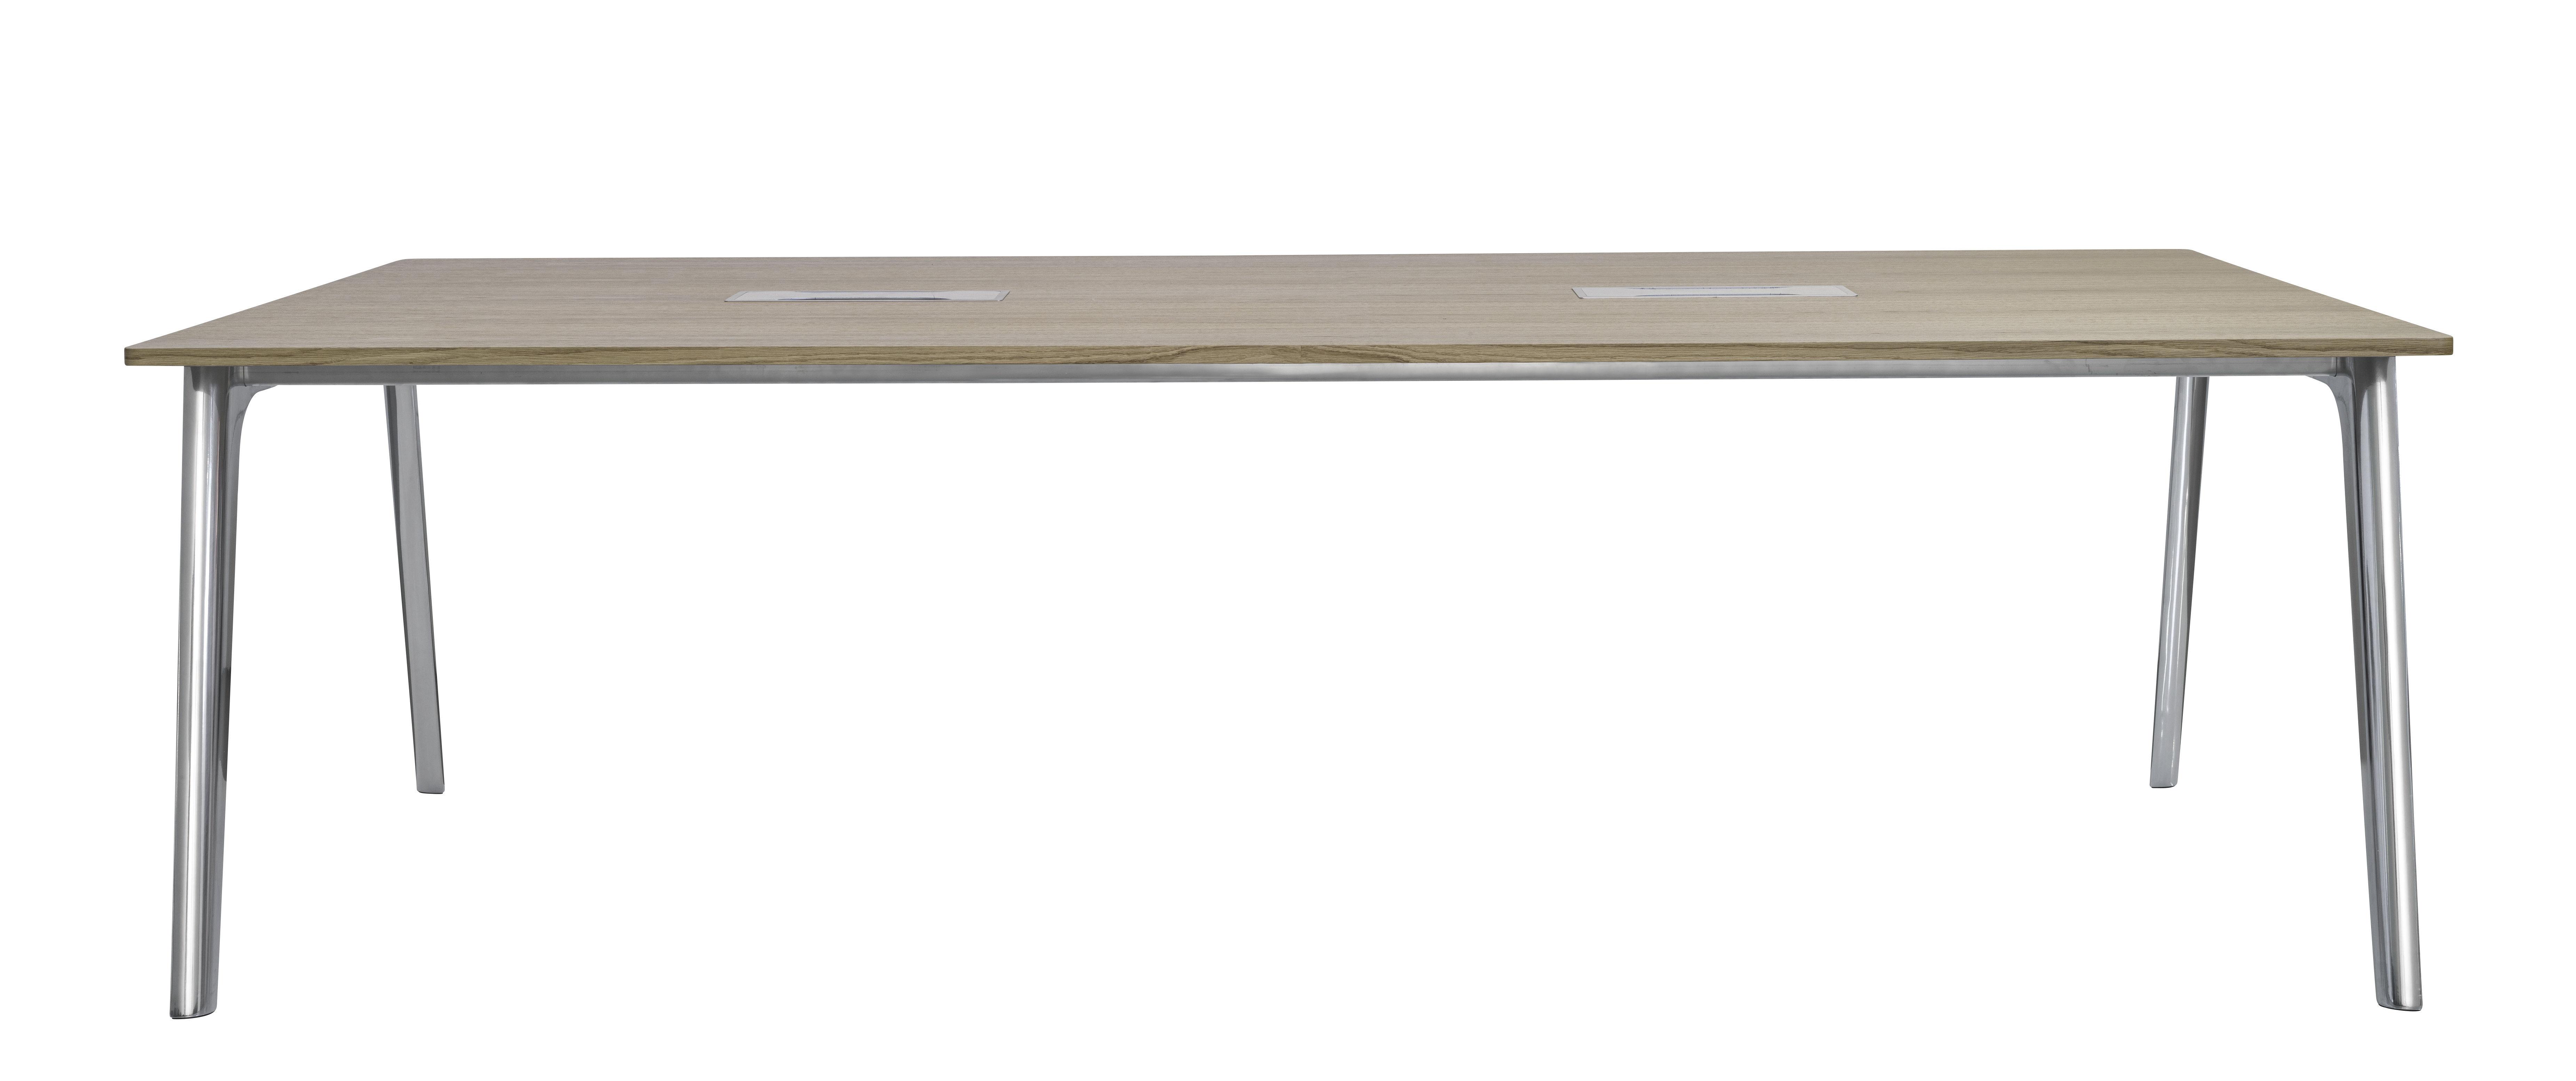 pluralis schreibtisch 200 x 100 cm eiche fritz hansen schreibtisch. Black Bedroom Furniture Sets. Home Design Ideas